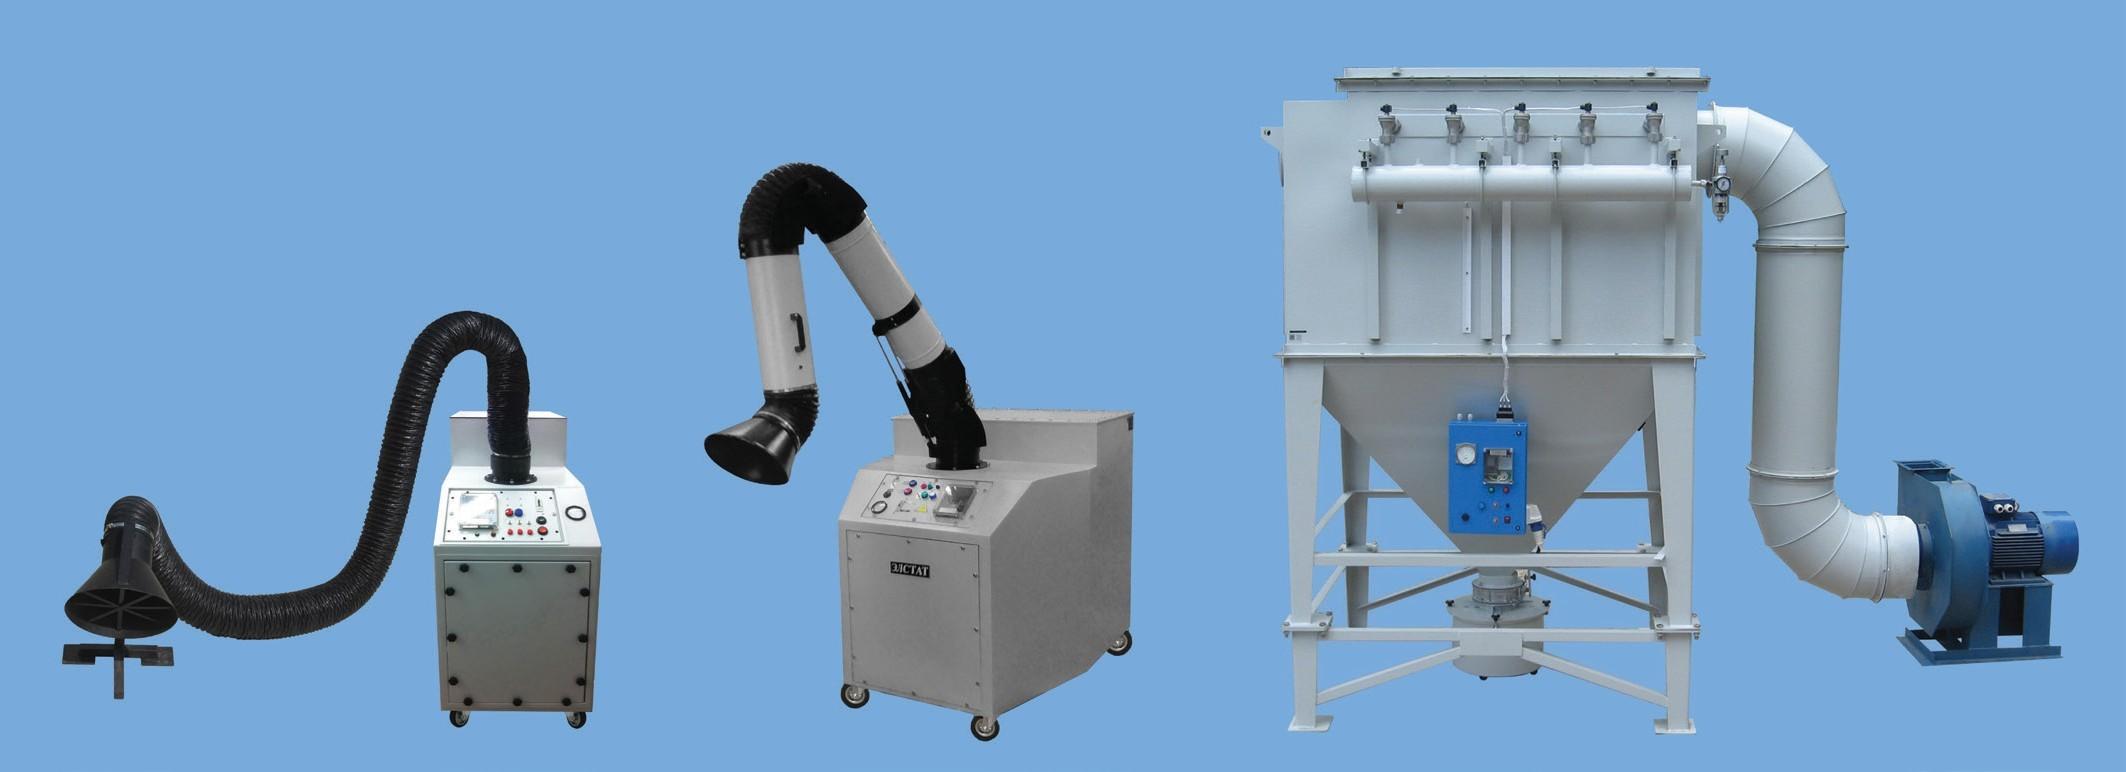 Фильтры ФСК-АП-ЭЛСТАТ с автоматической продувкой фильтр-патронов – для очистки воздуха при сварке; плазменной, газовой и лазерной резке. С пультом управления, с программируемым контроллером, с измерительными приборами, с системой сигнализации. Тип фильтр-патронов и конструкция системы продувки выбираются в зависимости от техпроцесса. Передвижные и стационарные.